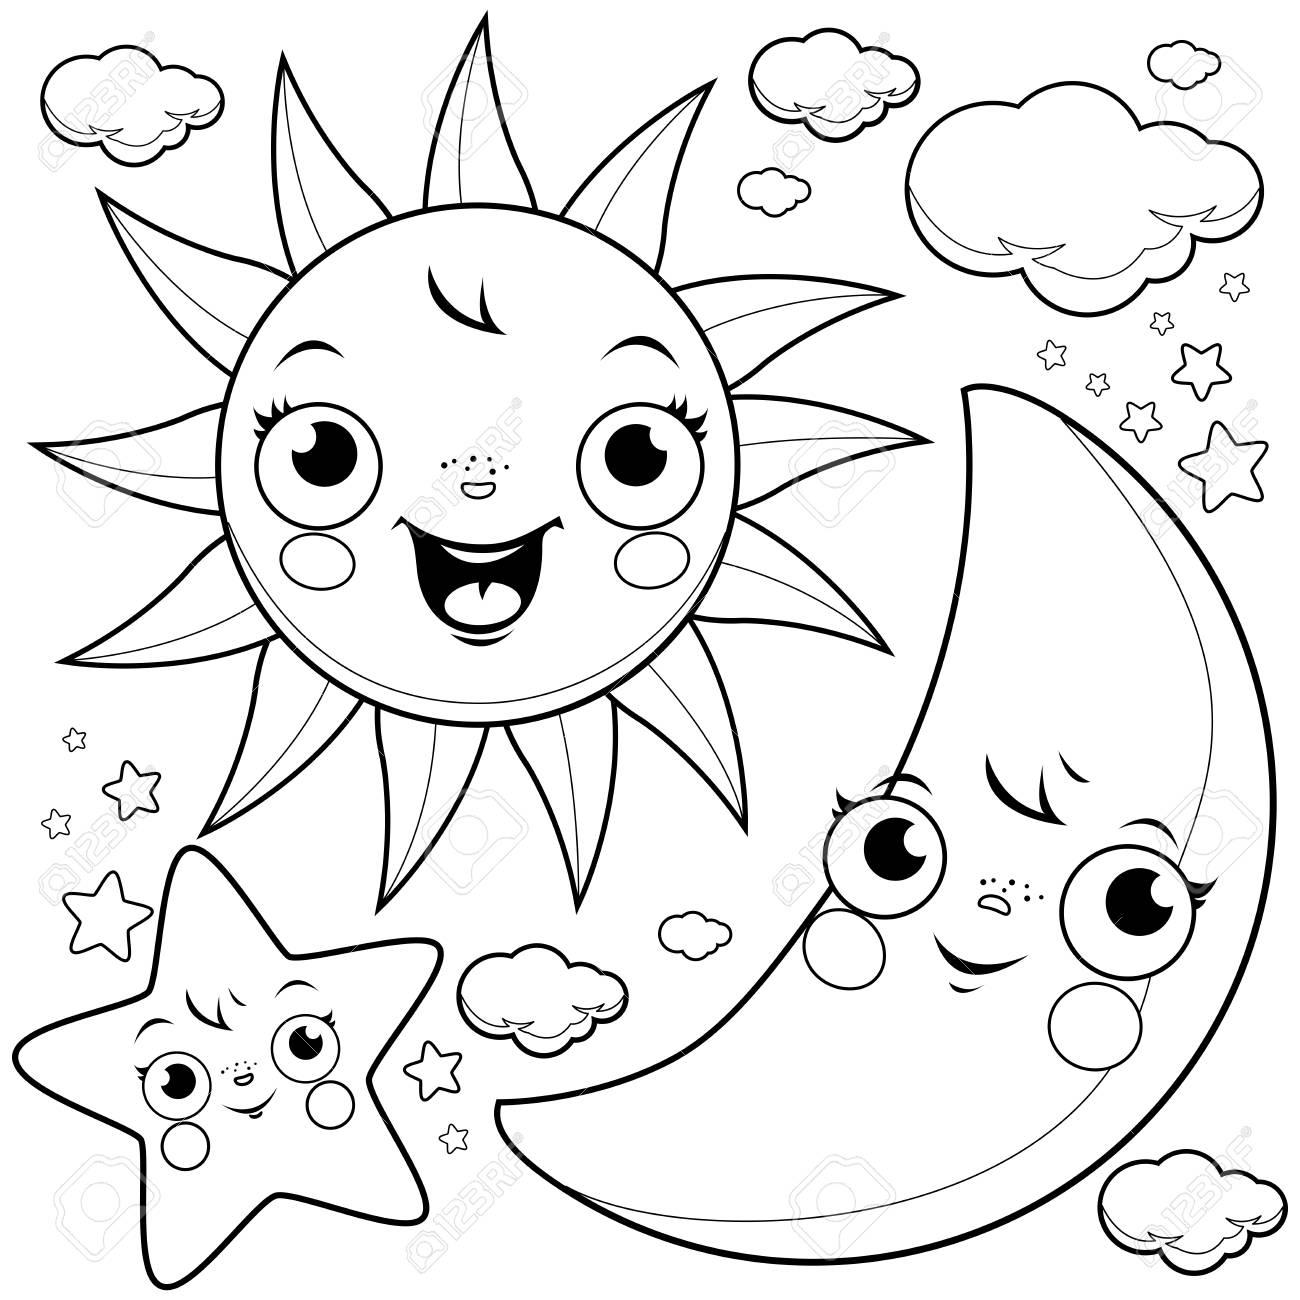 Lindo Sol Luna Estrellas Y Nubes Ilustración En Blanco Y Negro Para Colorear